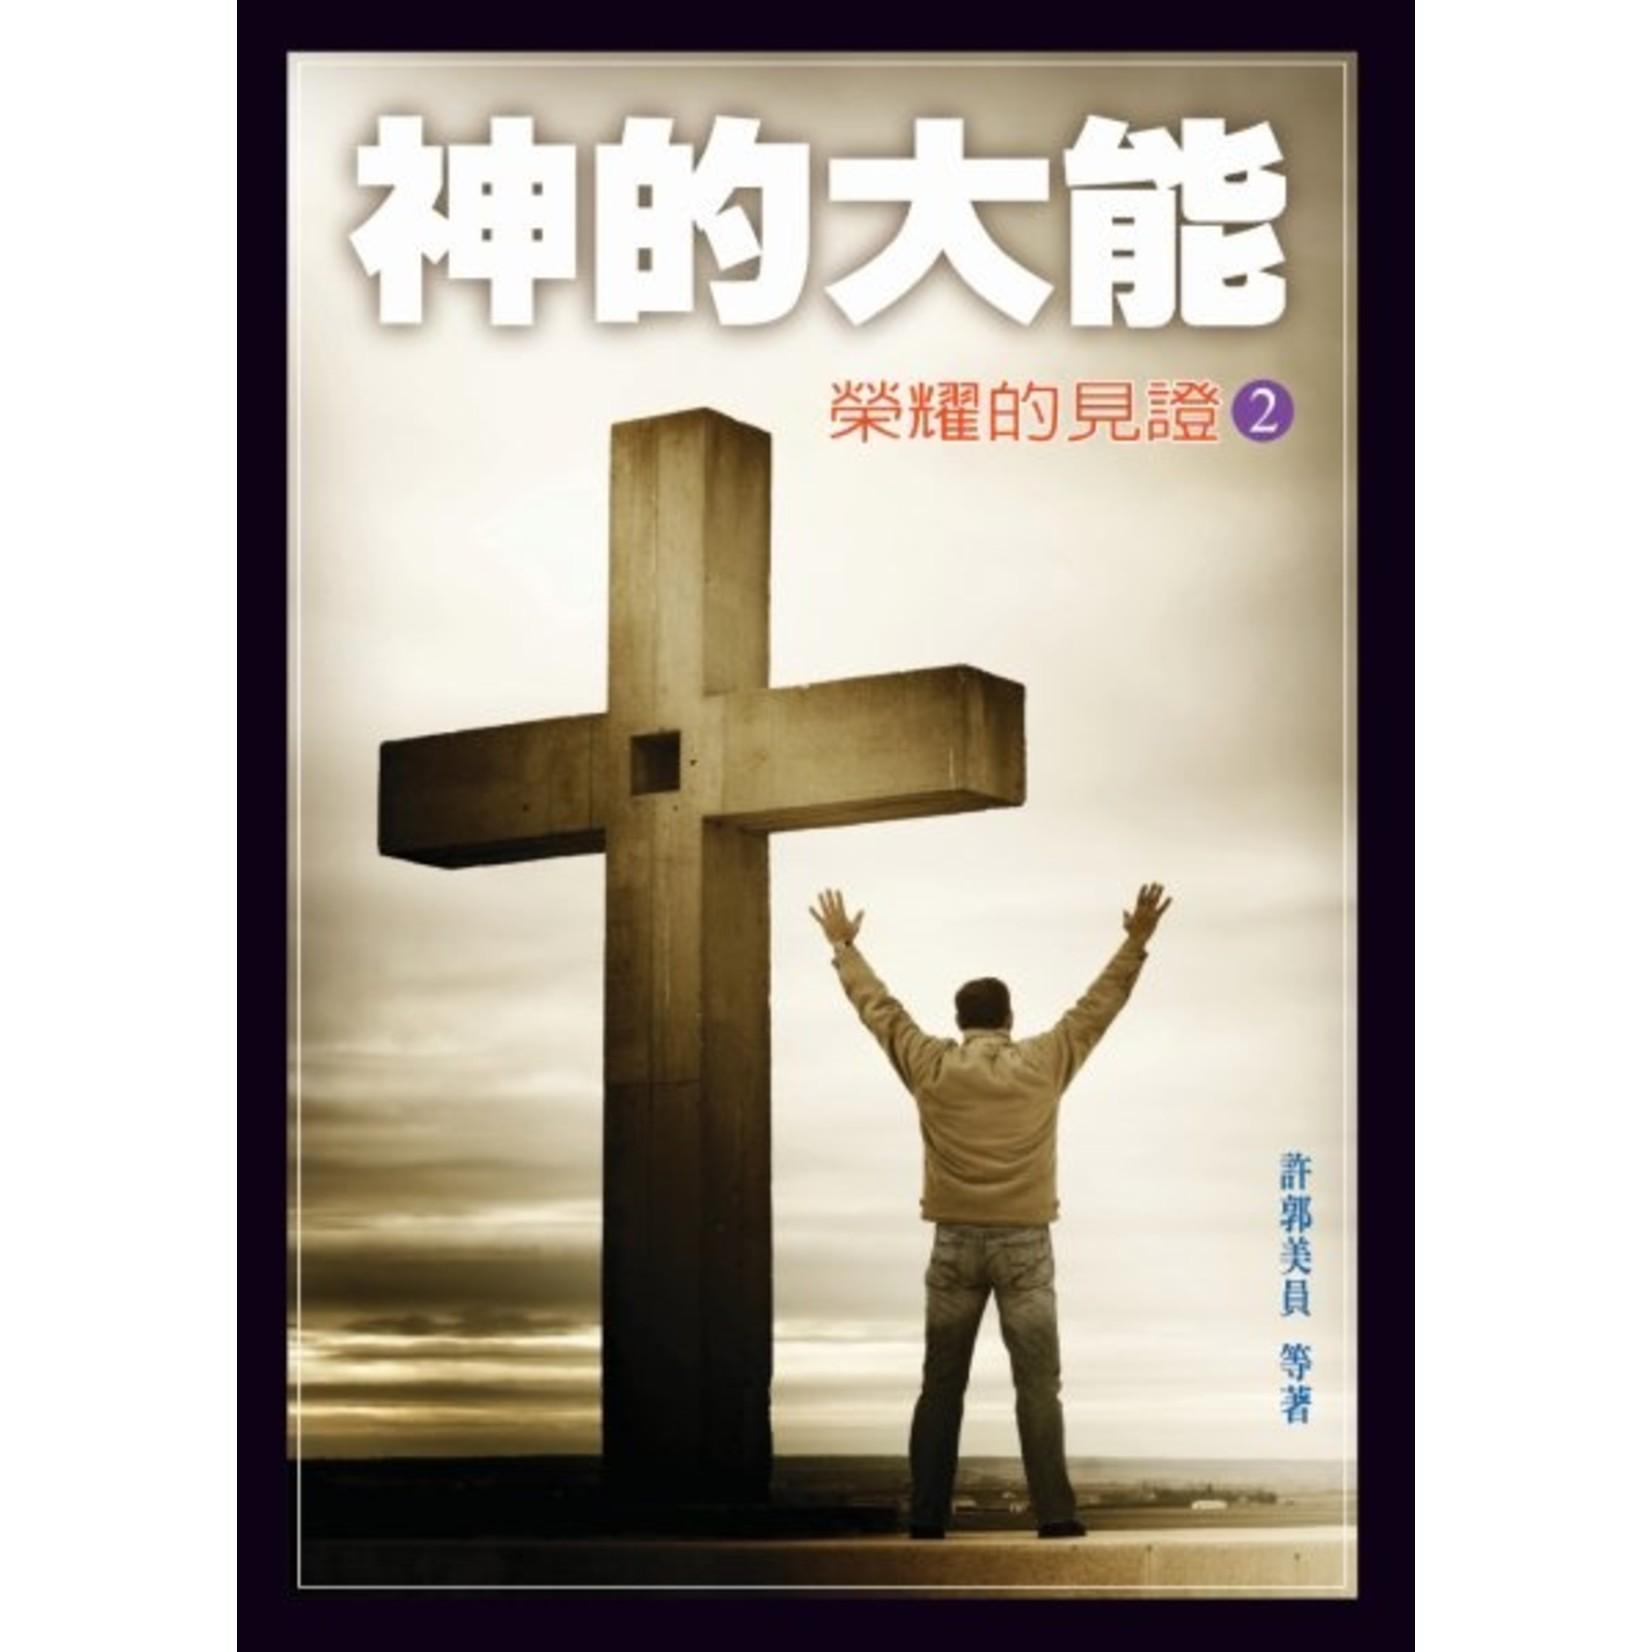 中國信徒佈道會 Chinese Christian Mission USA 神的大能:榮耀的見證 2